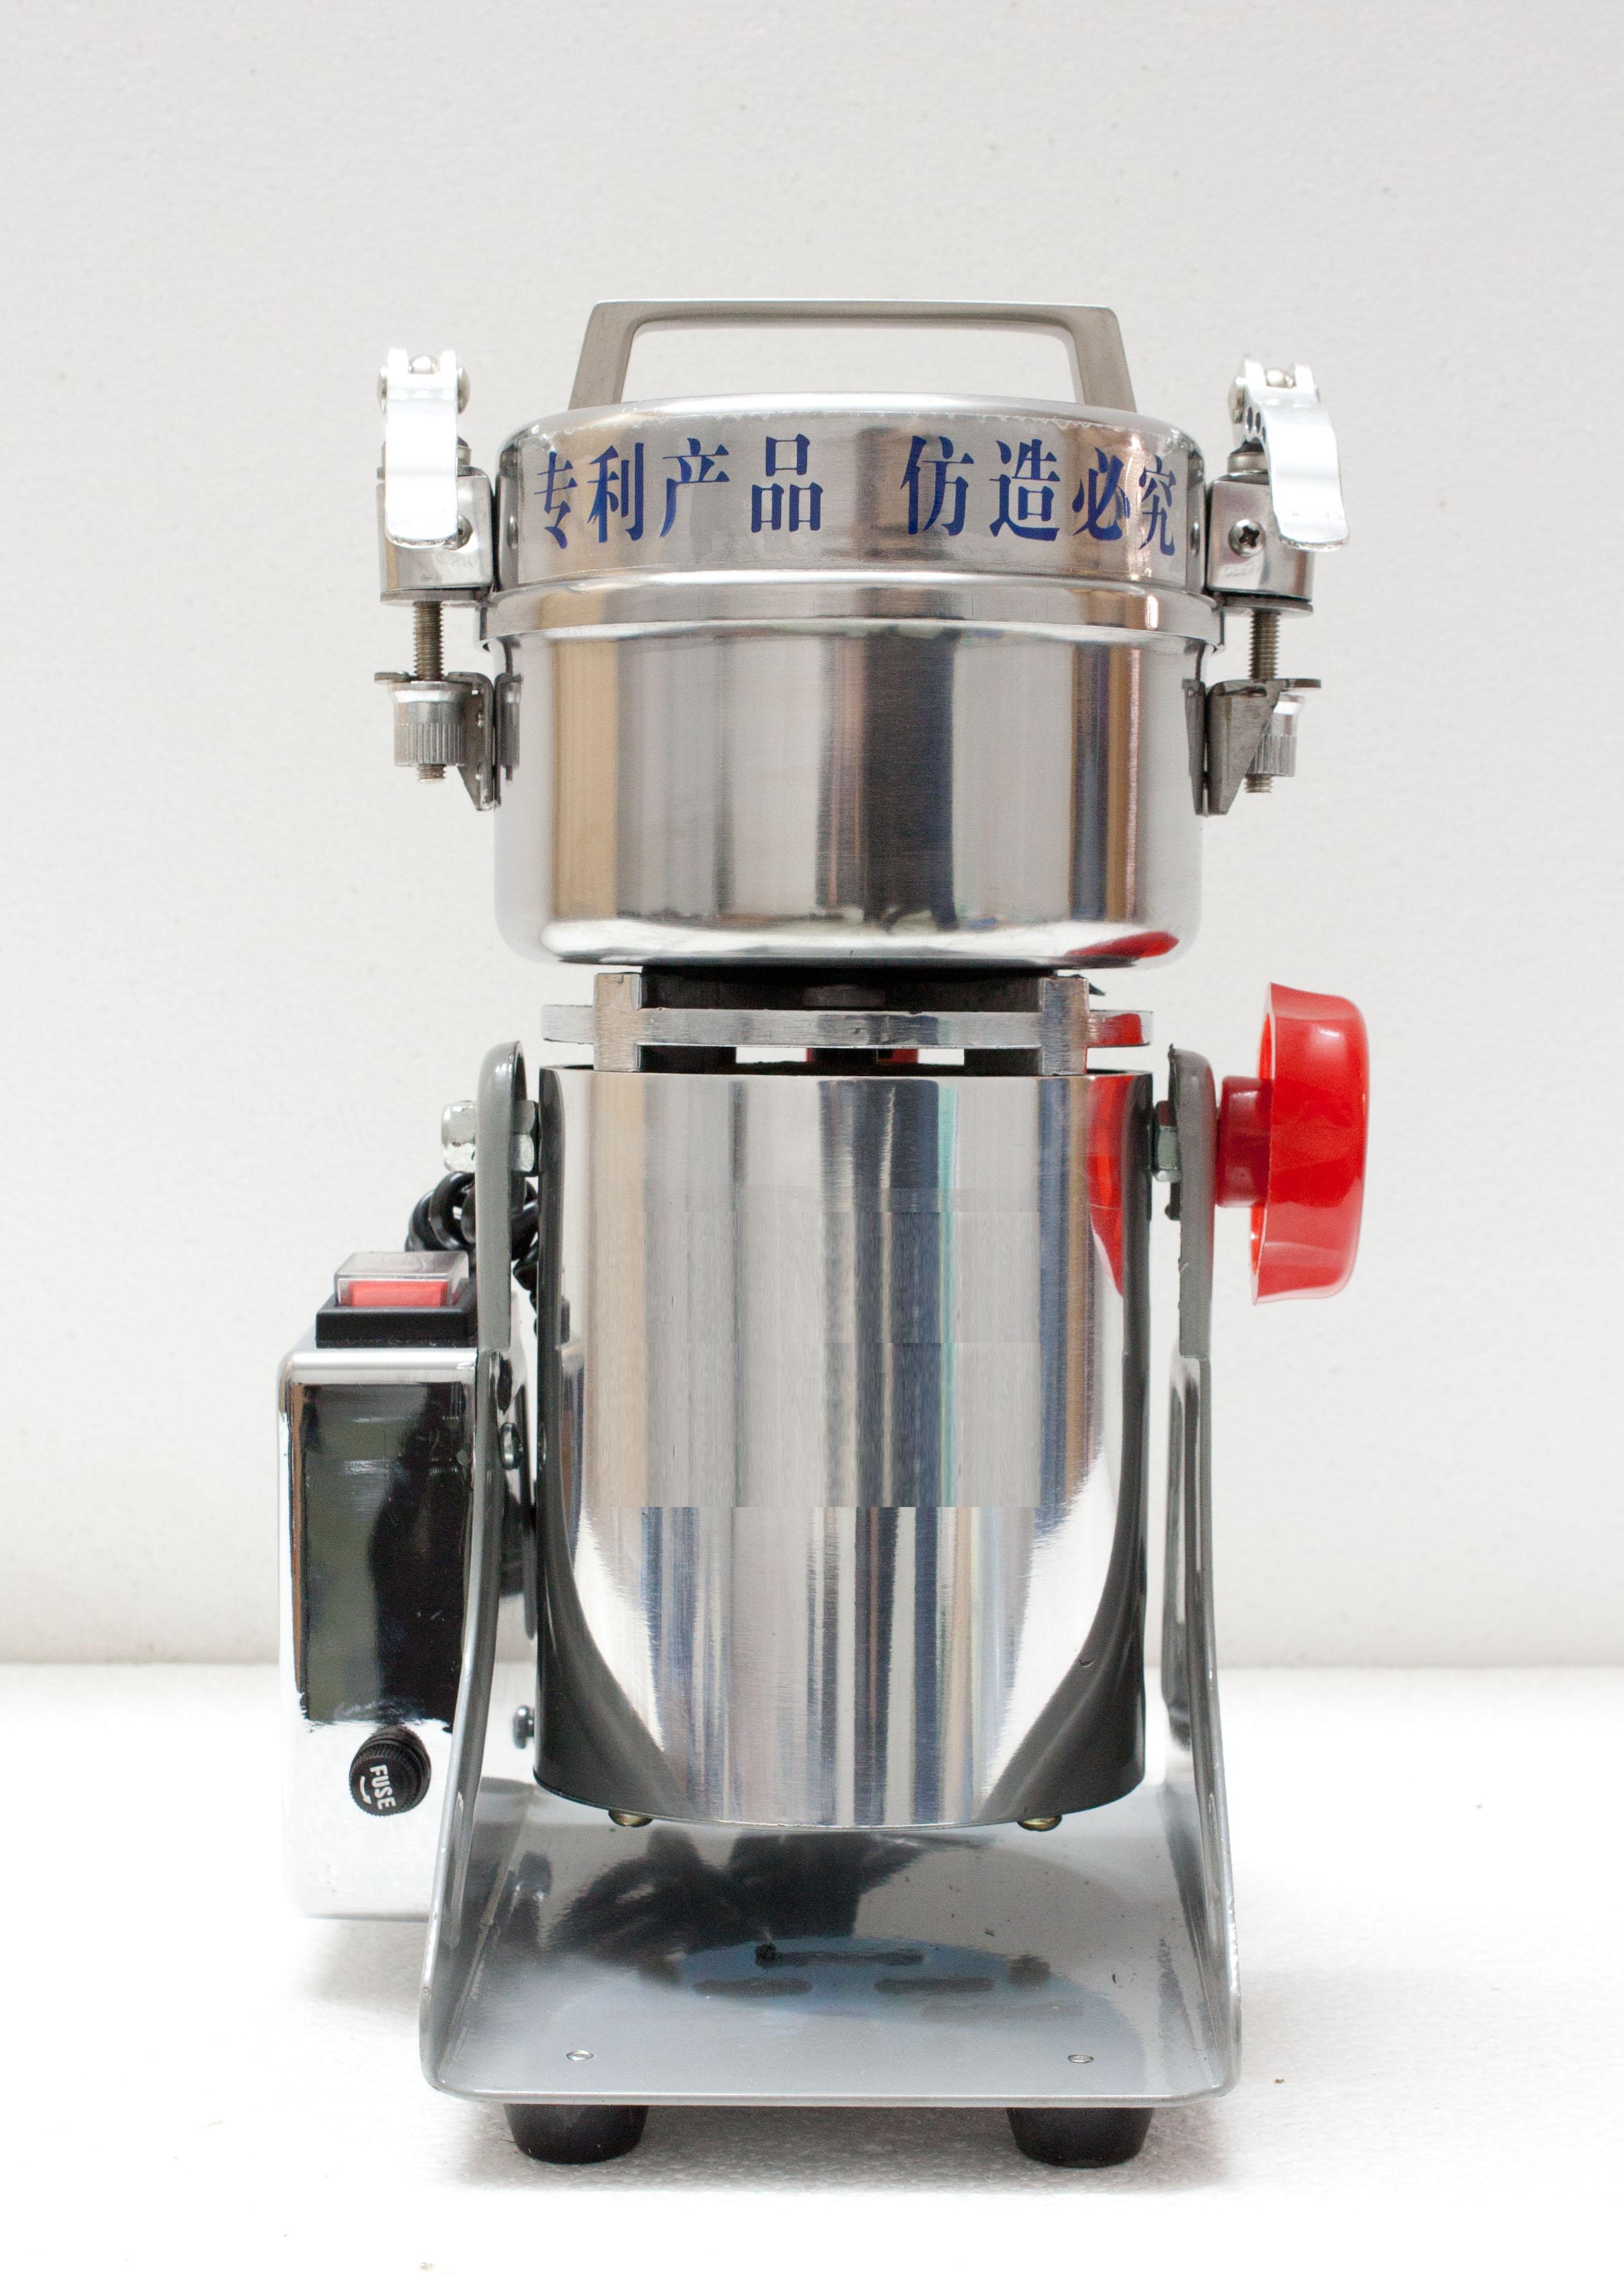 小型高速粉碎机的维护和常见故障维修_小型家用粉... _化工仪器网